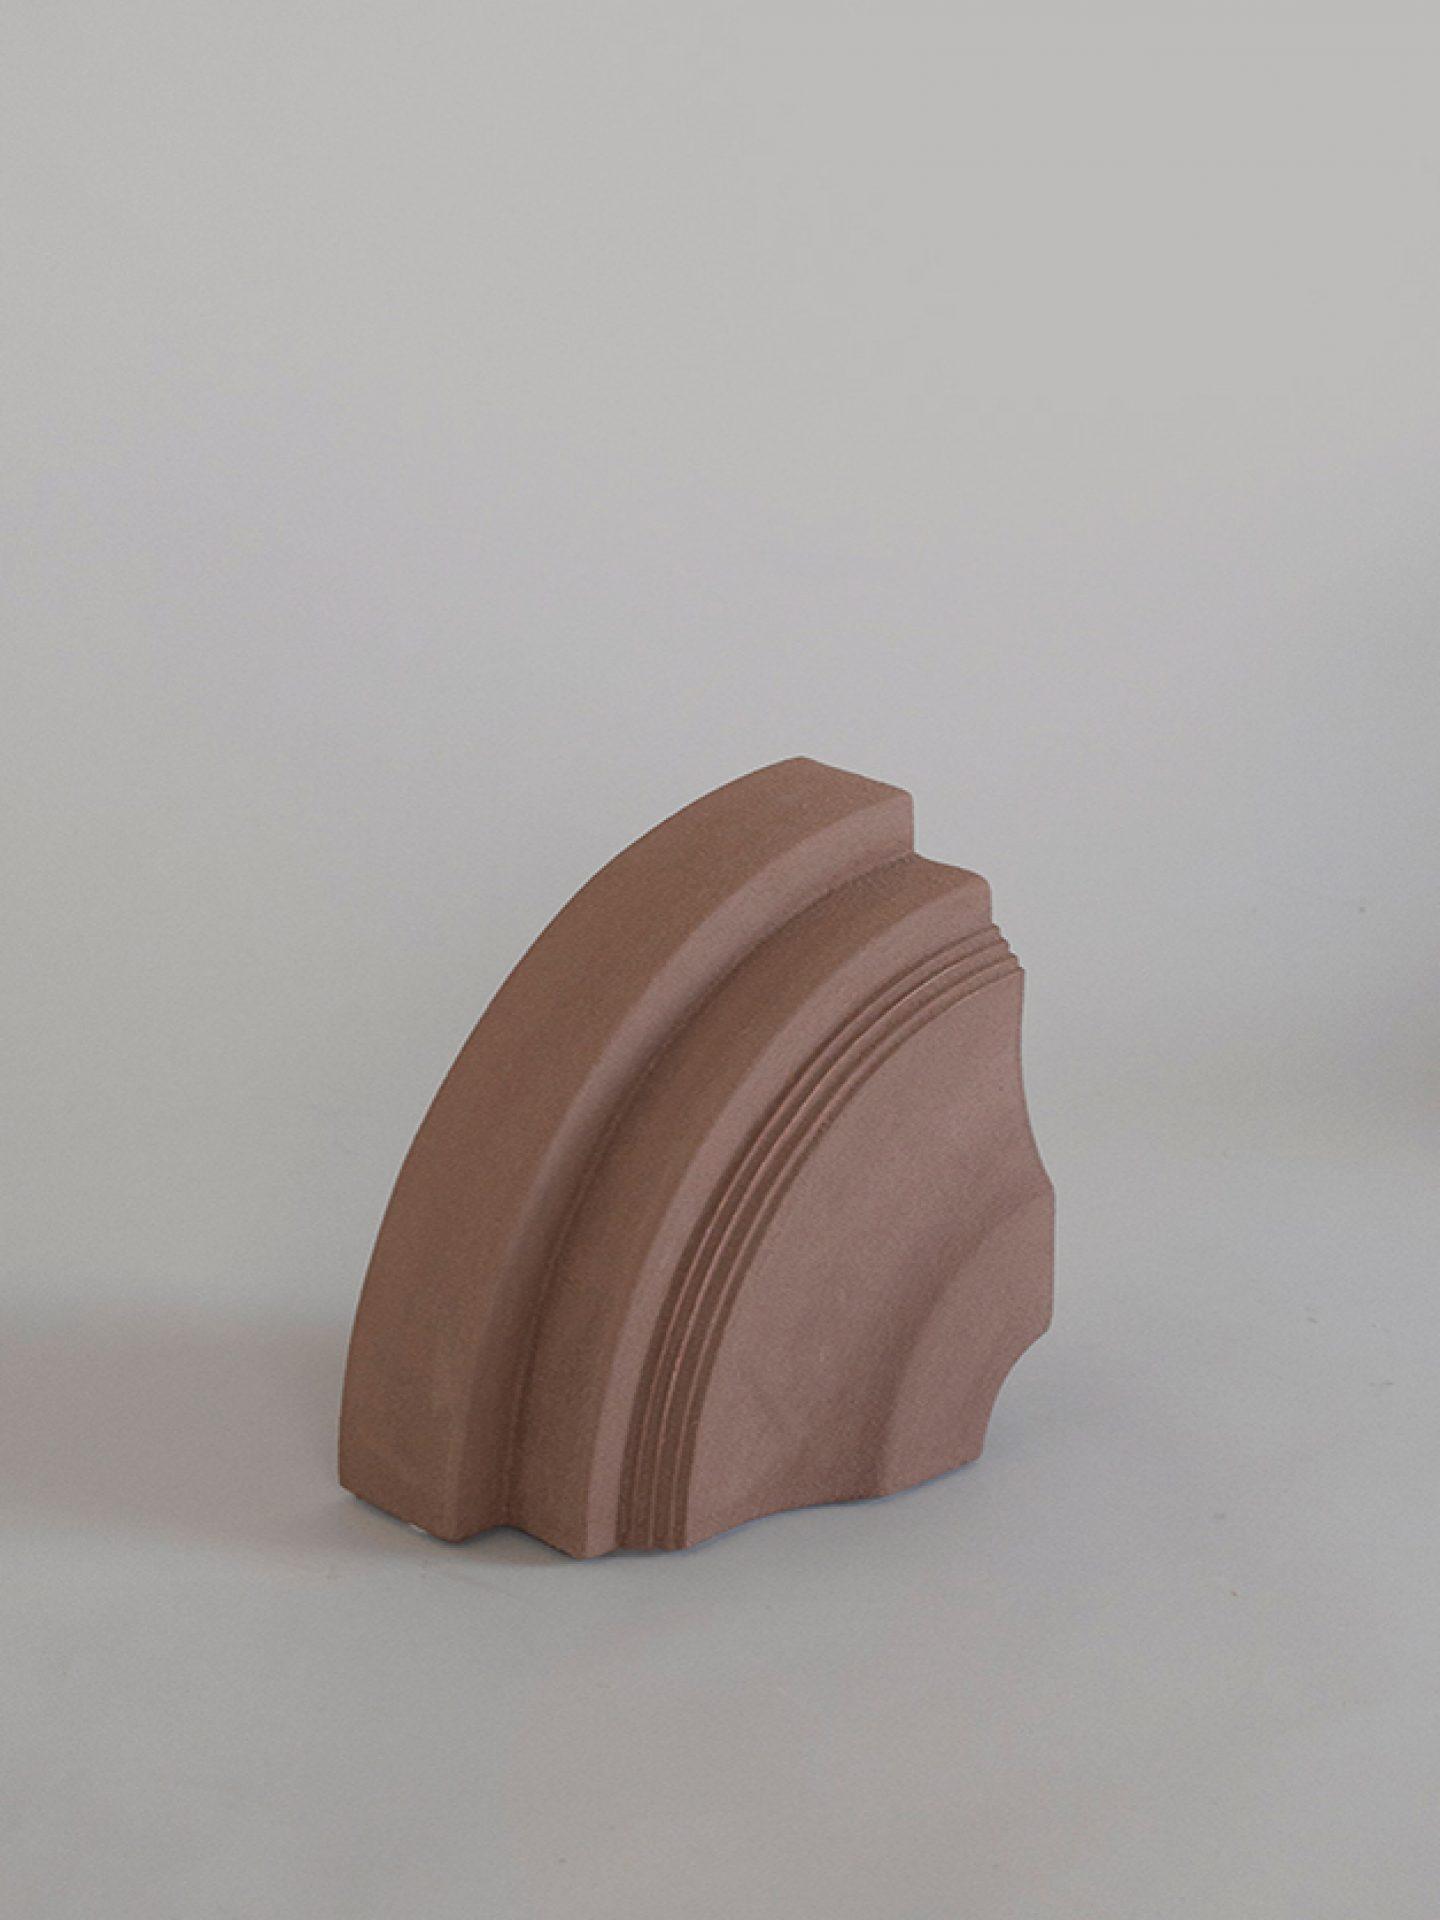 IGNANT-ART-Sculpture-Alium-10